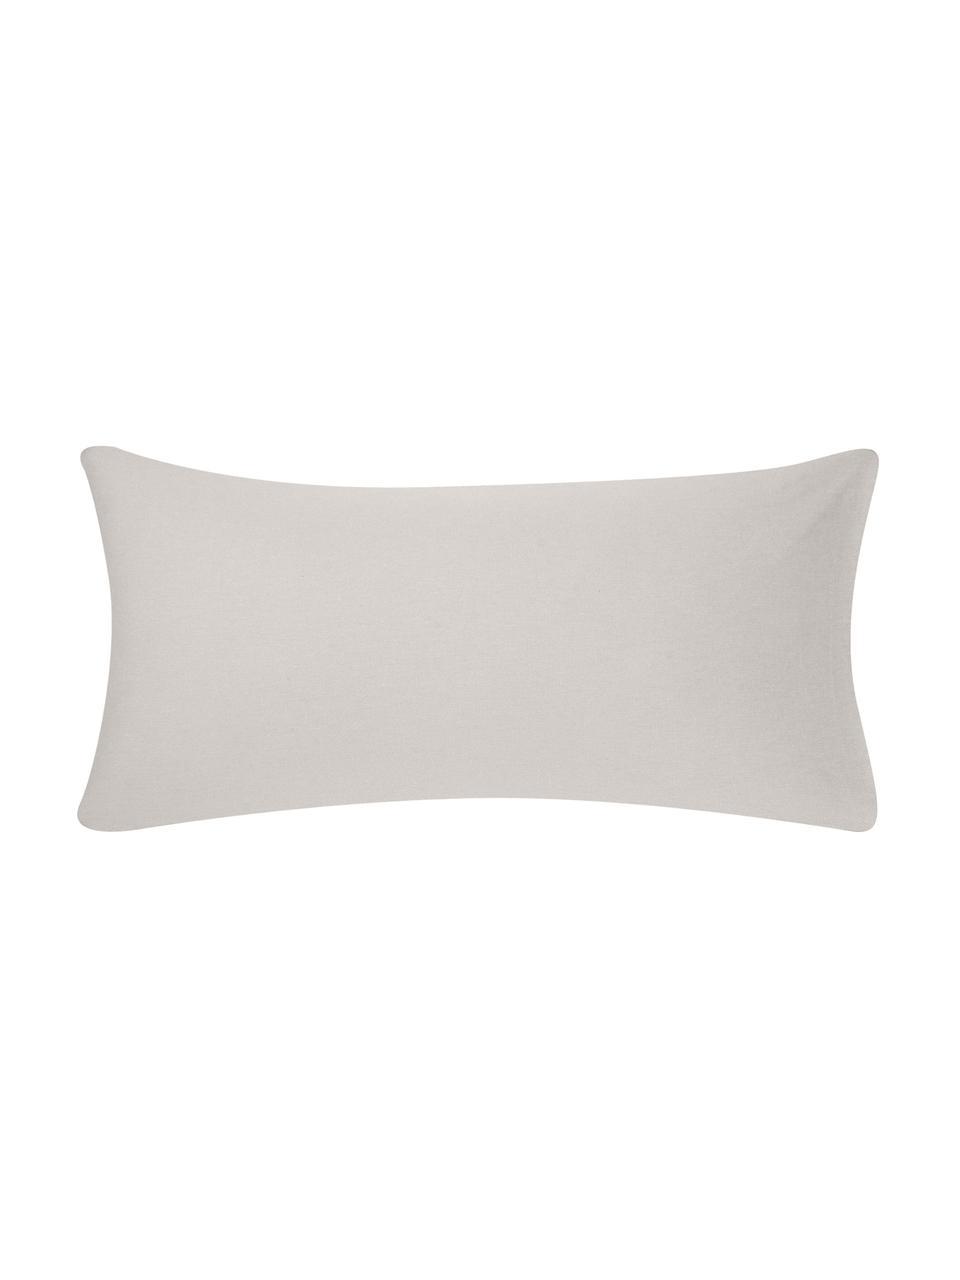 Flanell-Kissenbezüge Biba in Beige, 2 Stück, Webart: Flanell Flanell ist ein k, Beige, 40 x 80 cm